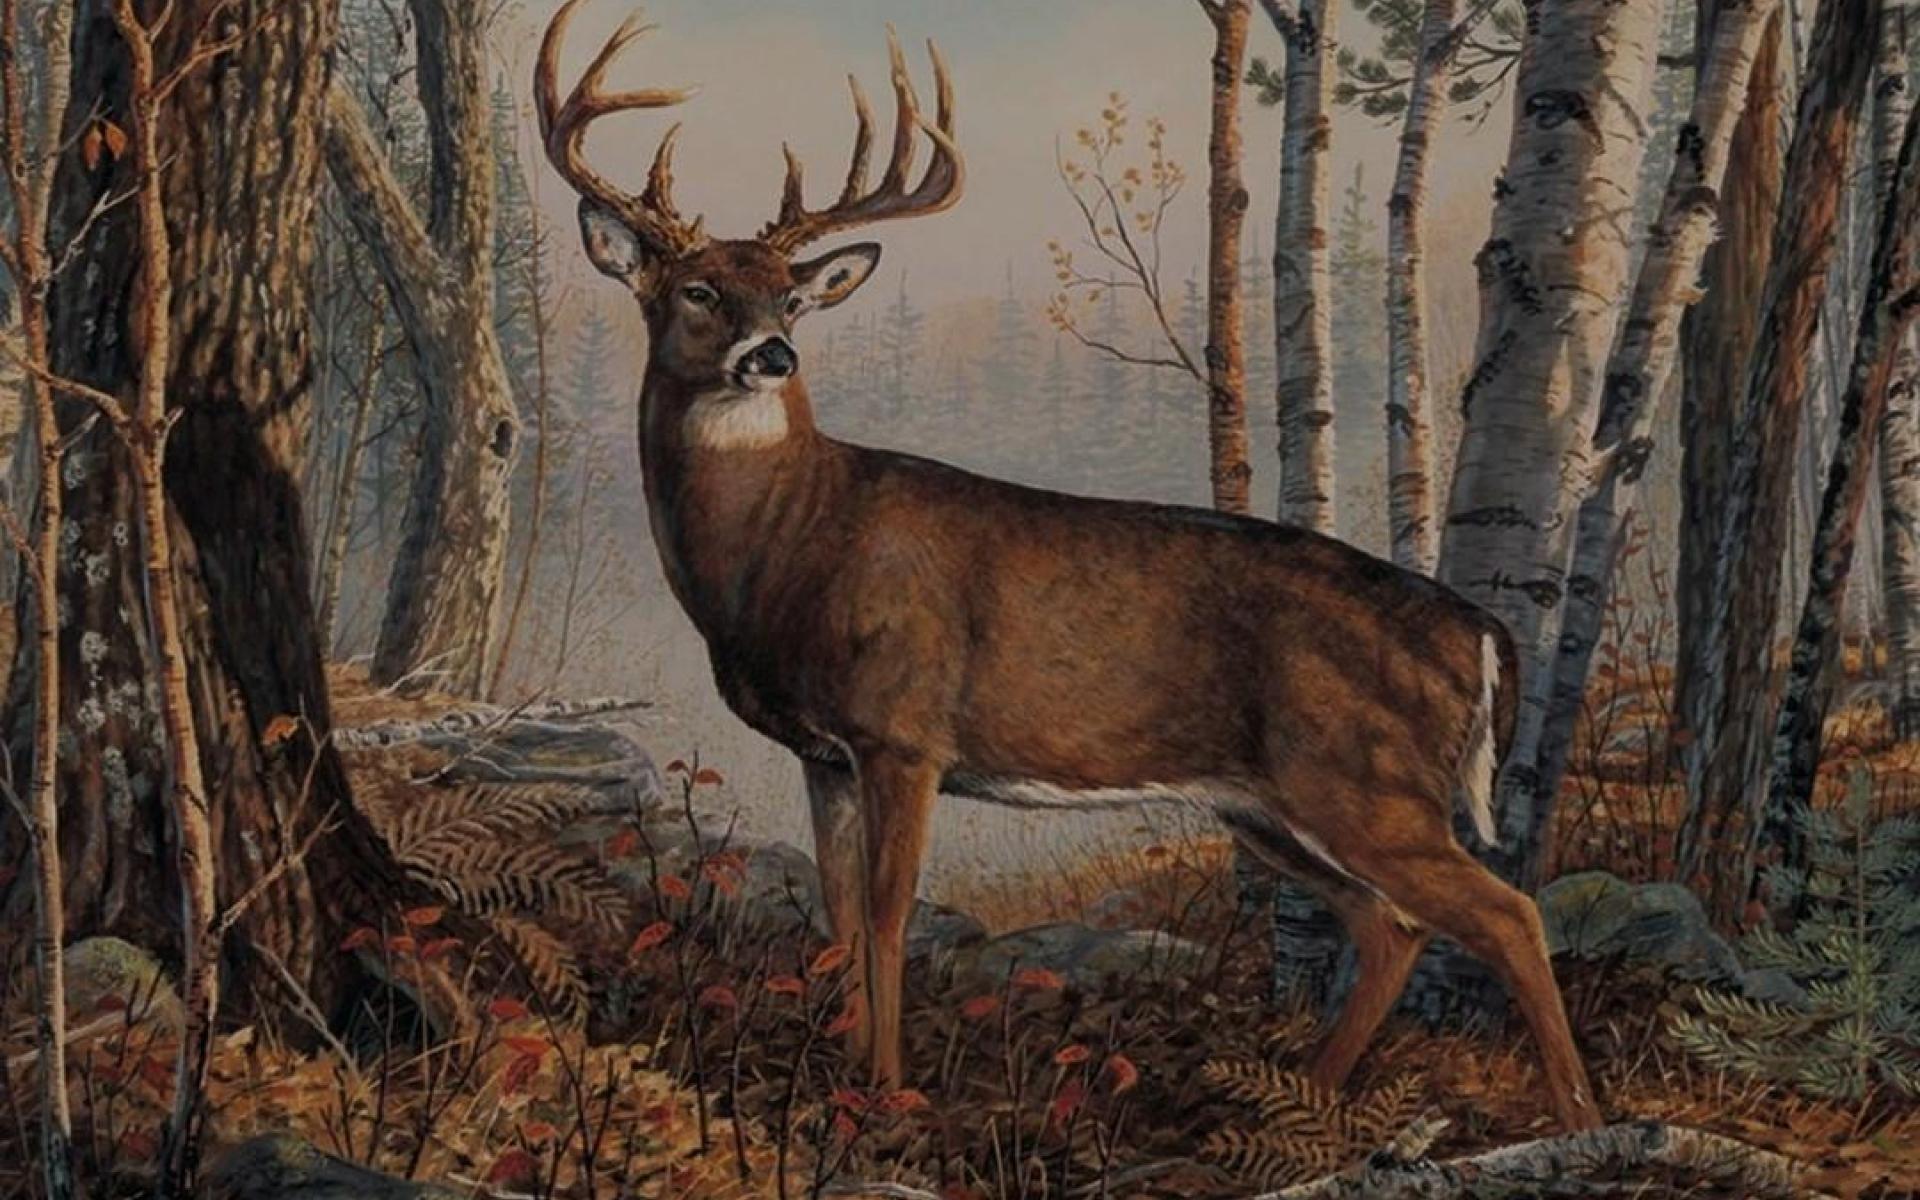 Whitetail Deer Desktop Backgrounds (58+ Images